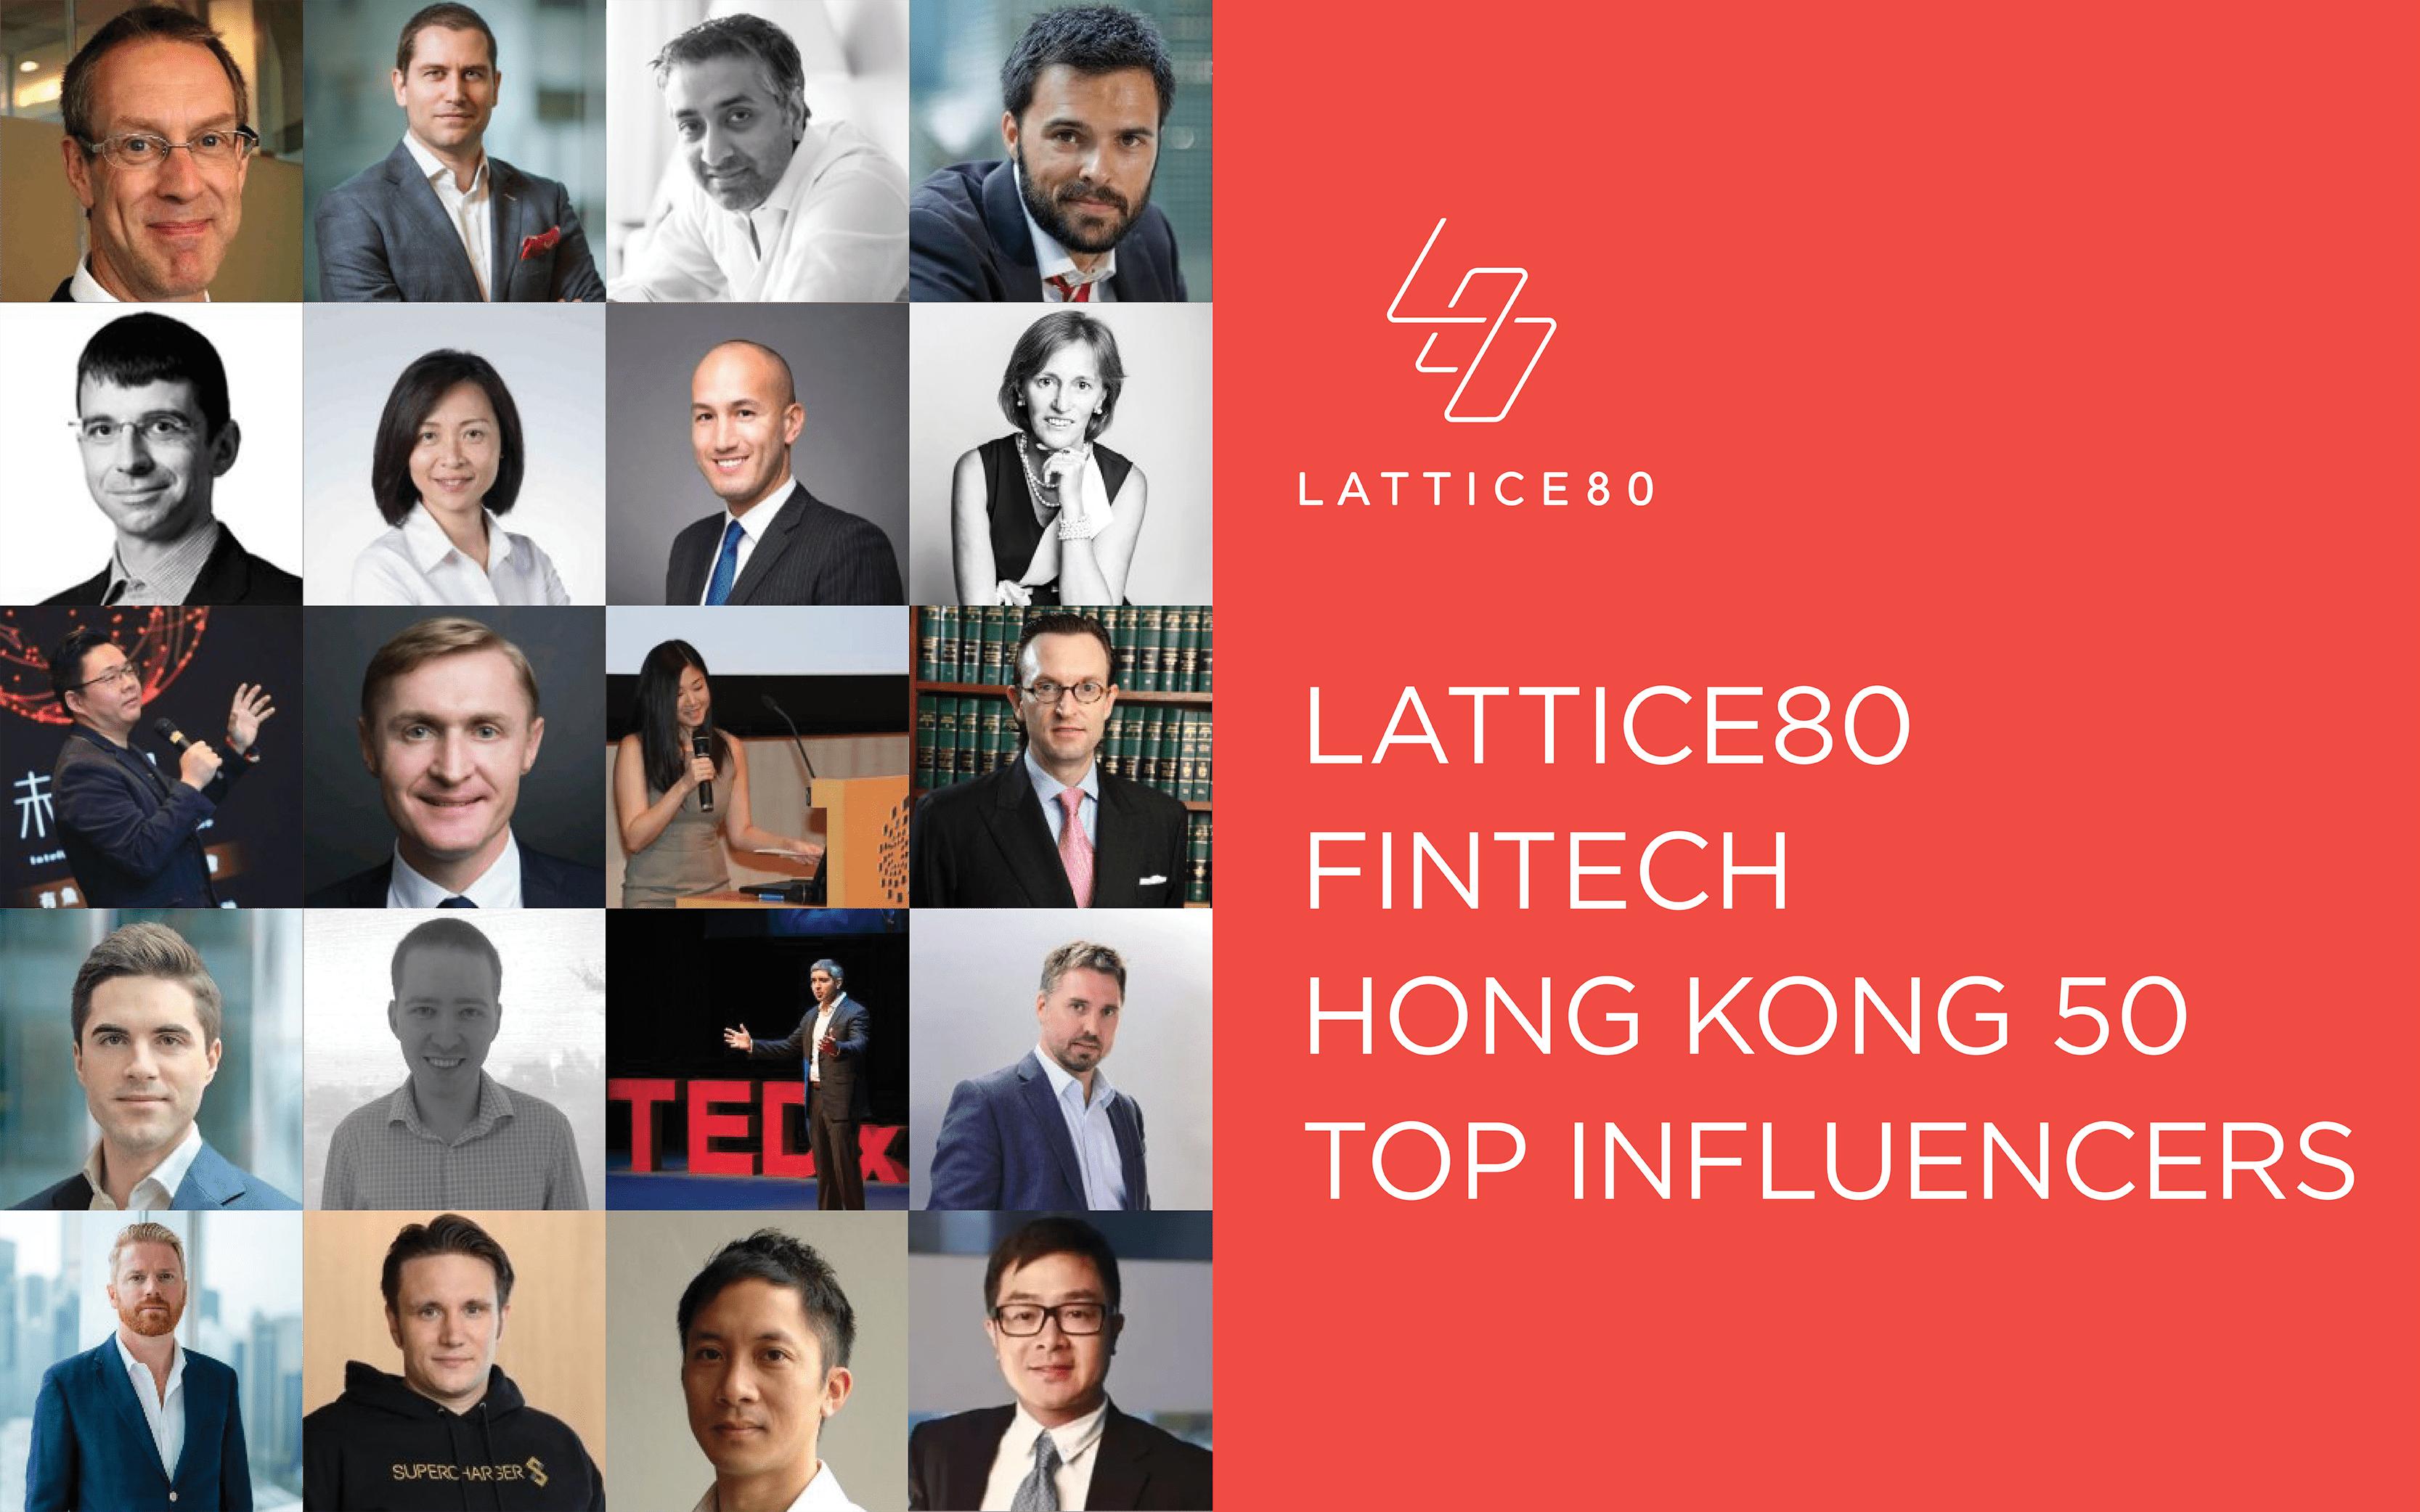 top-fintech-influencers-hong-kong-lattice80-asia-pst